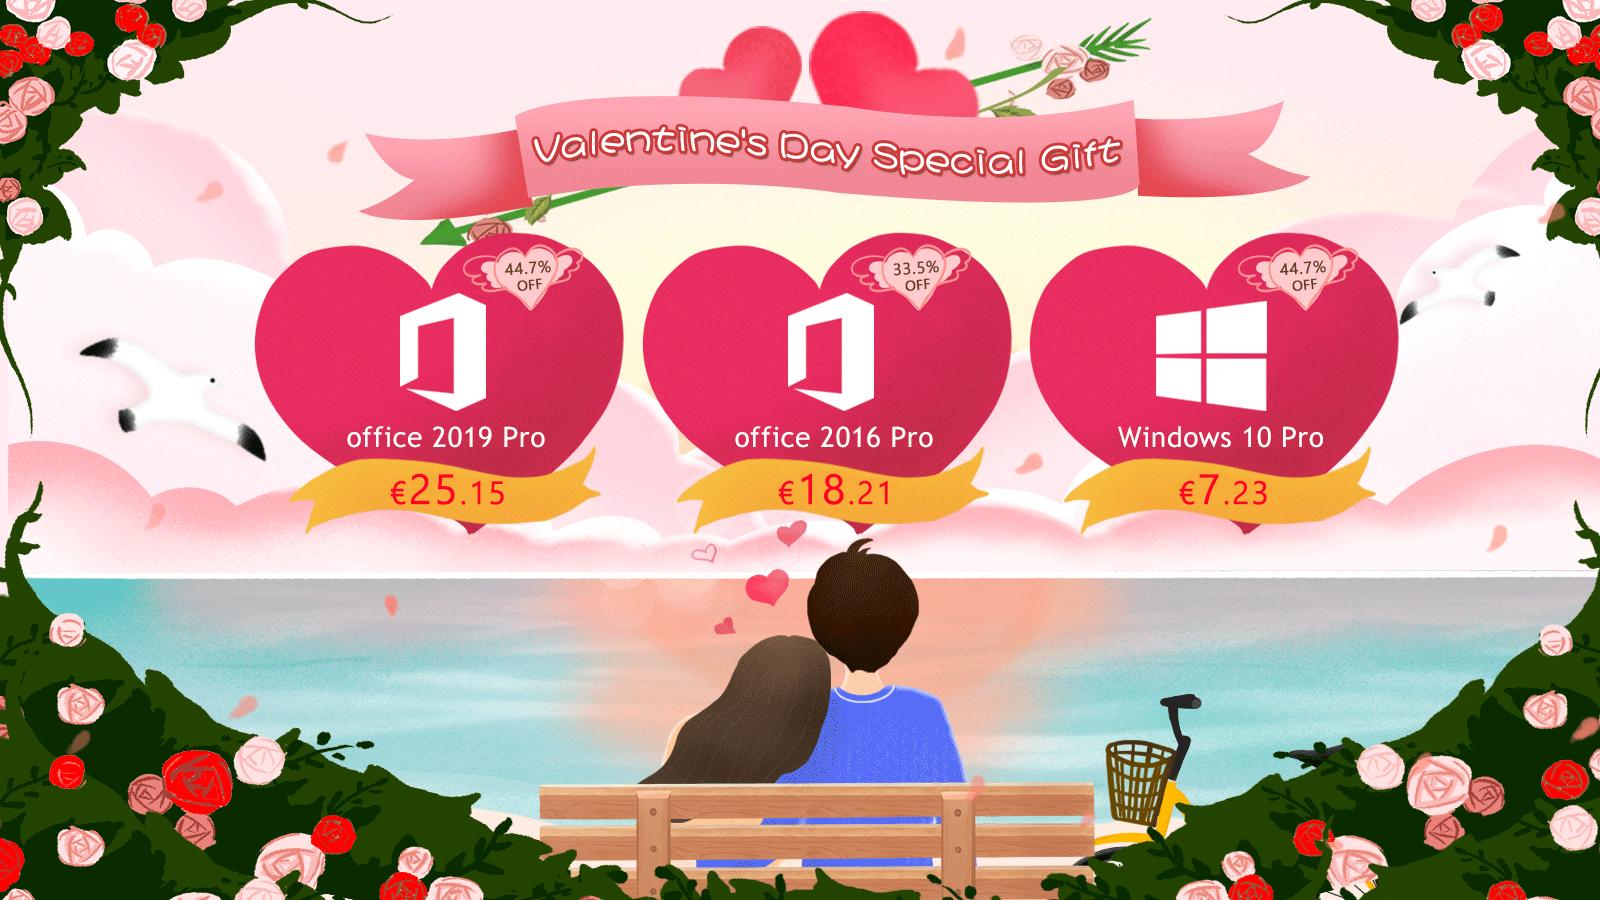 Bezpečný a levný Windows 10 už za 7,23 EUR [sponzorovaný článek]